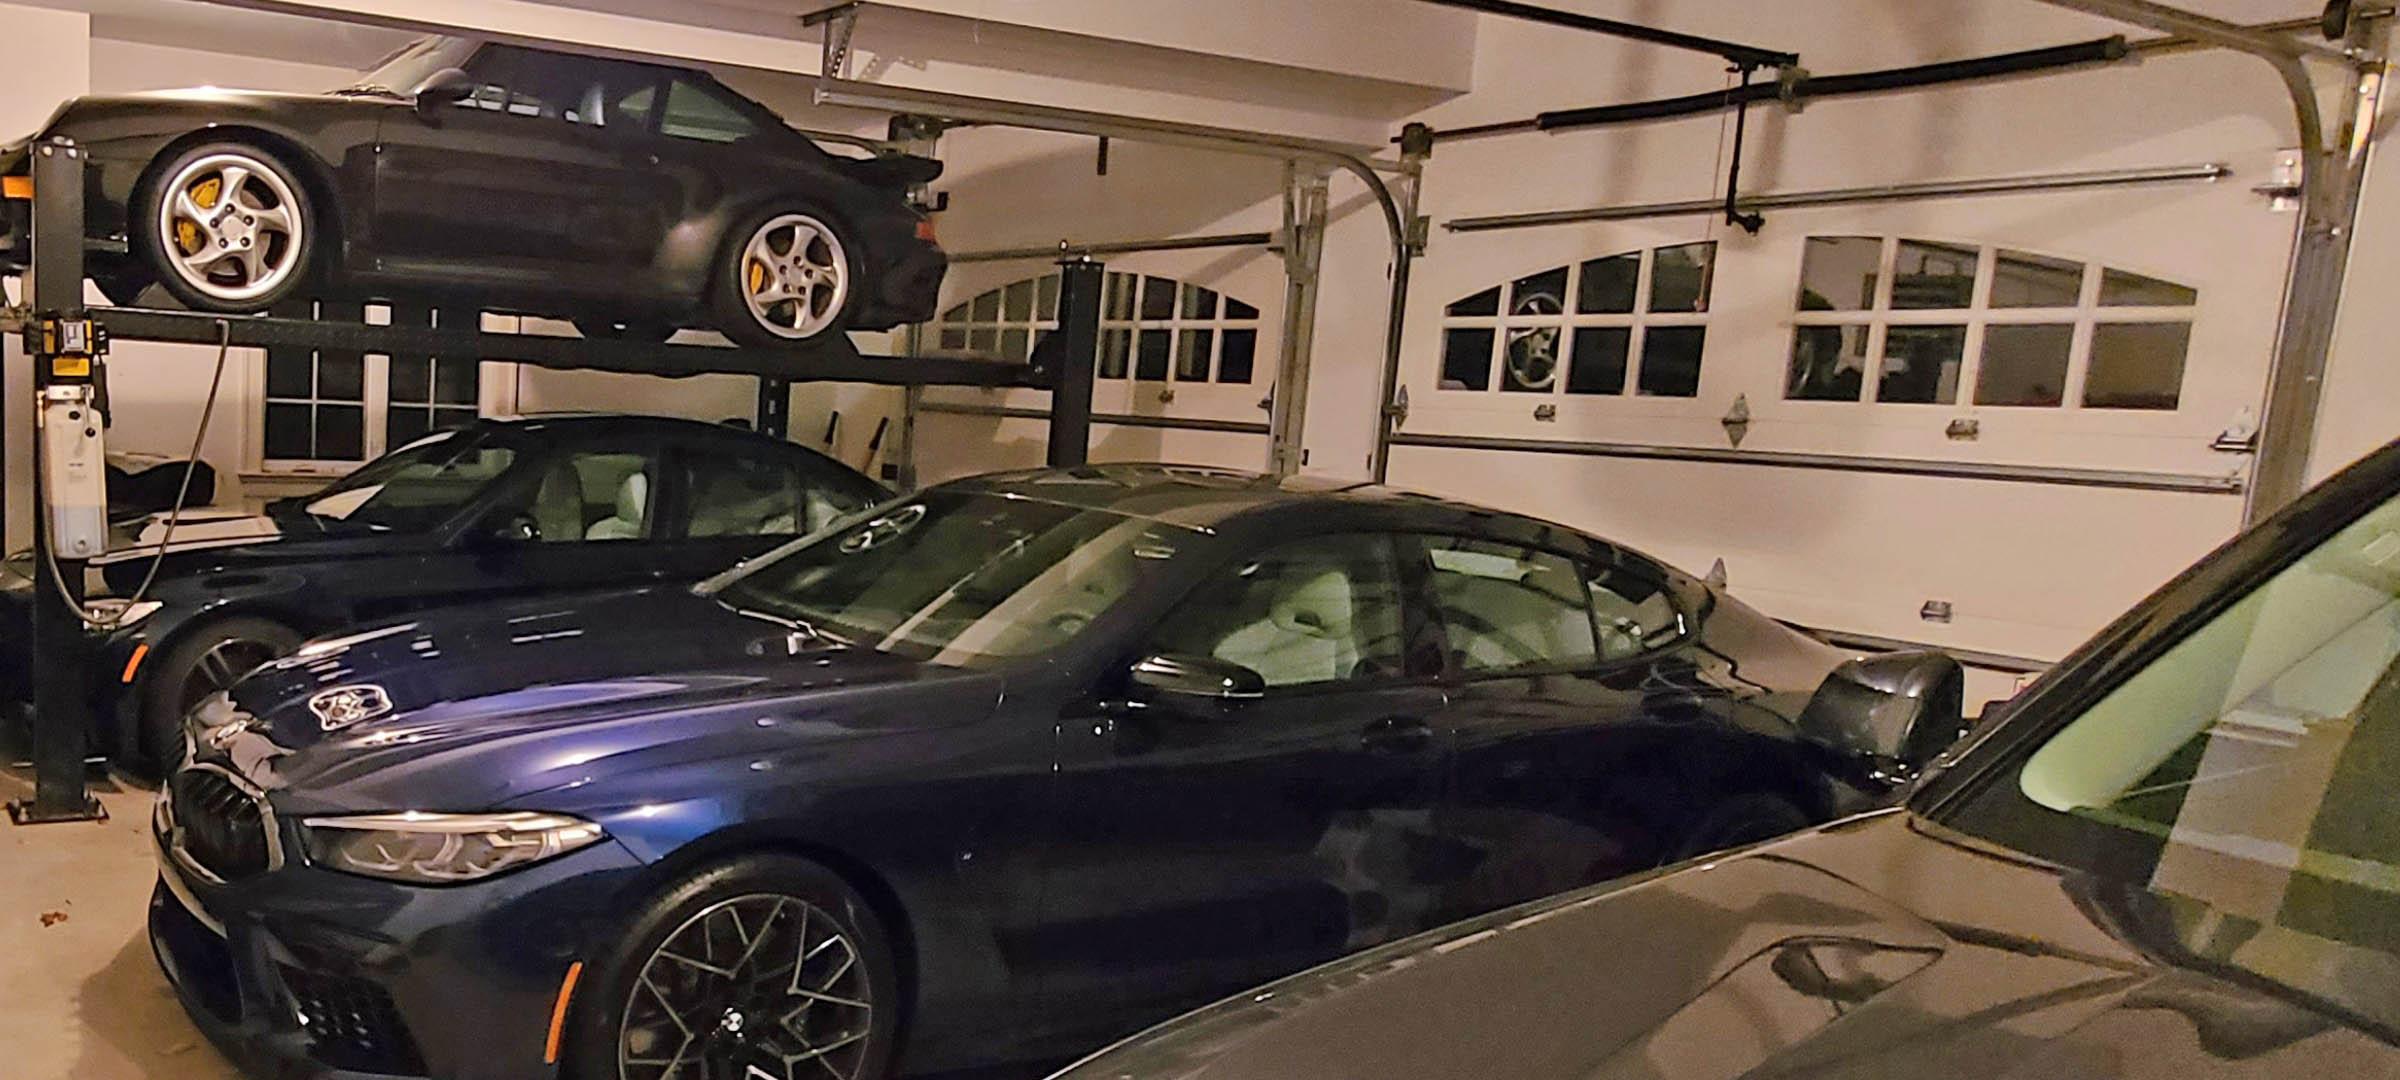 Name:  BMW Centennial Blue M8 Gran Coupe 6.jpg Views: 8384 Size:  264.4 KB